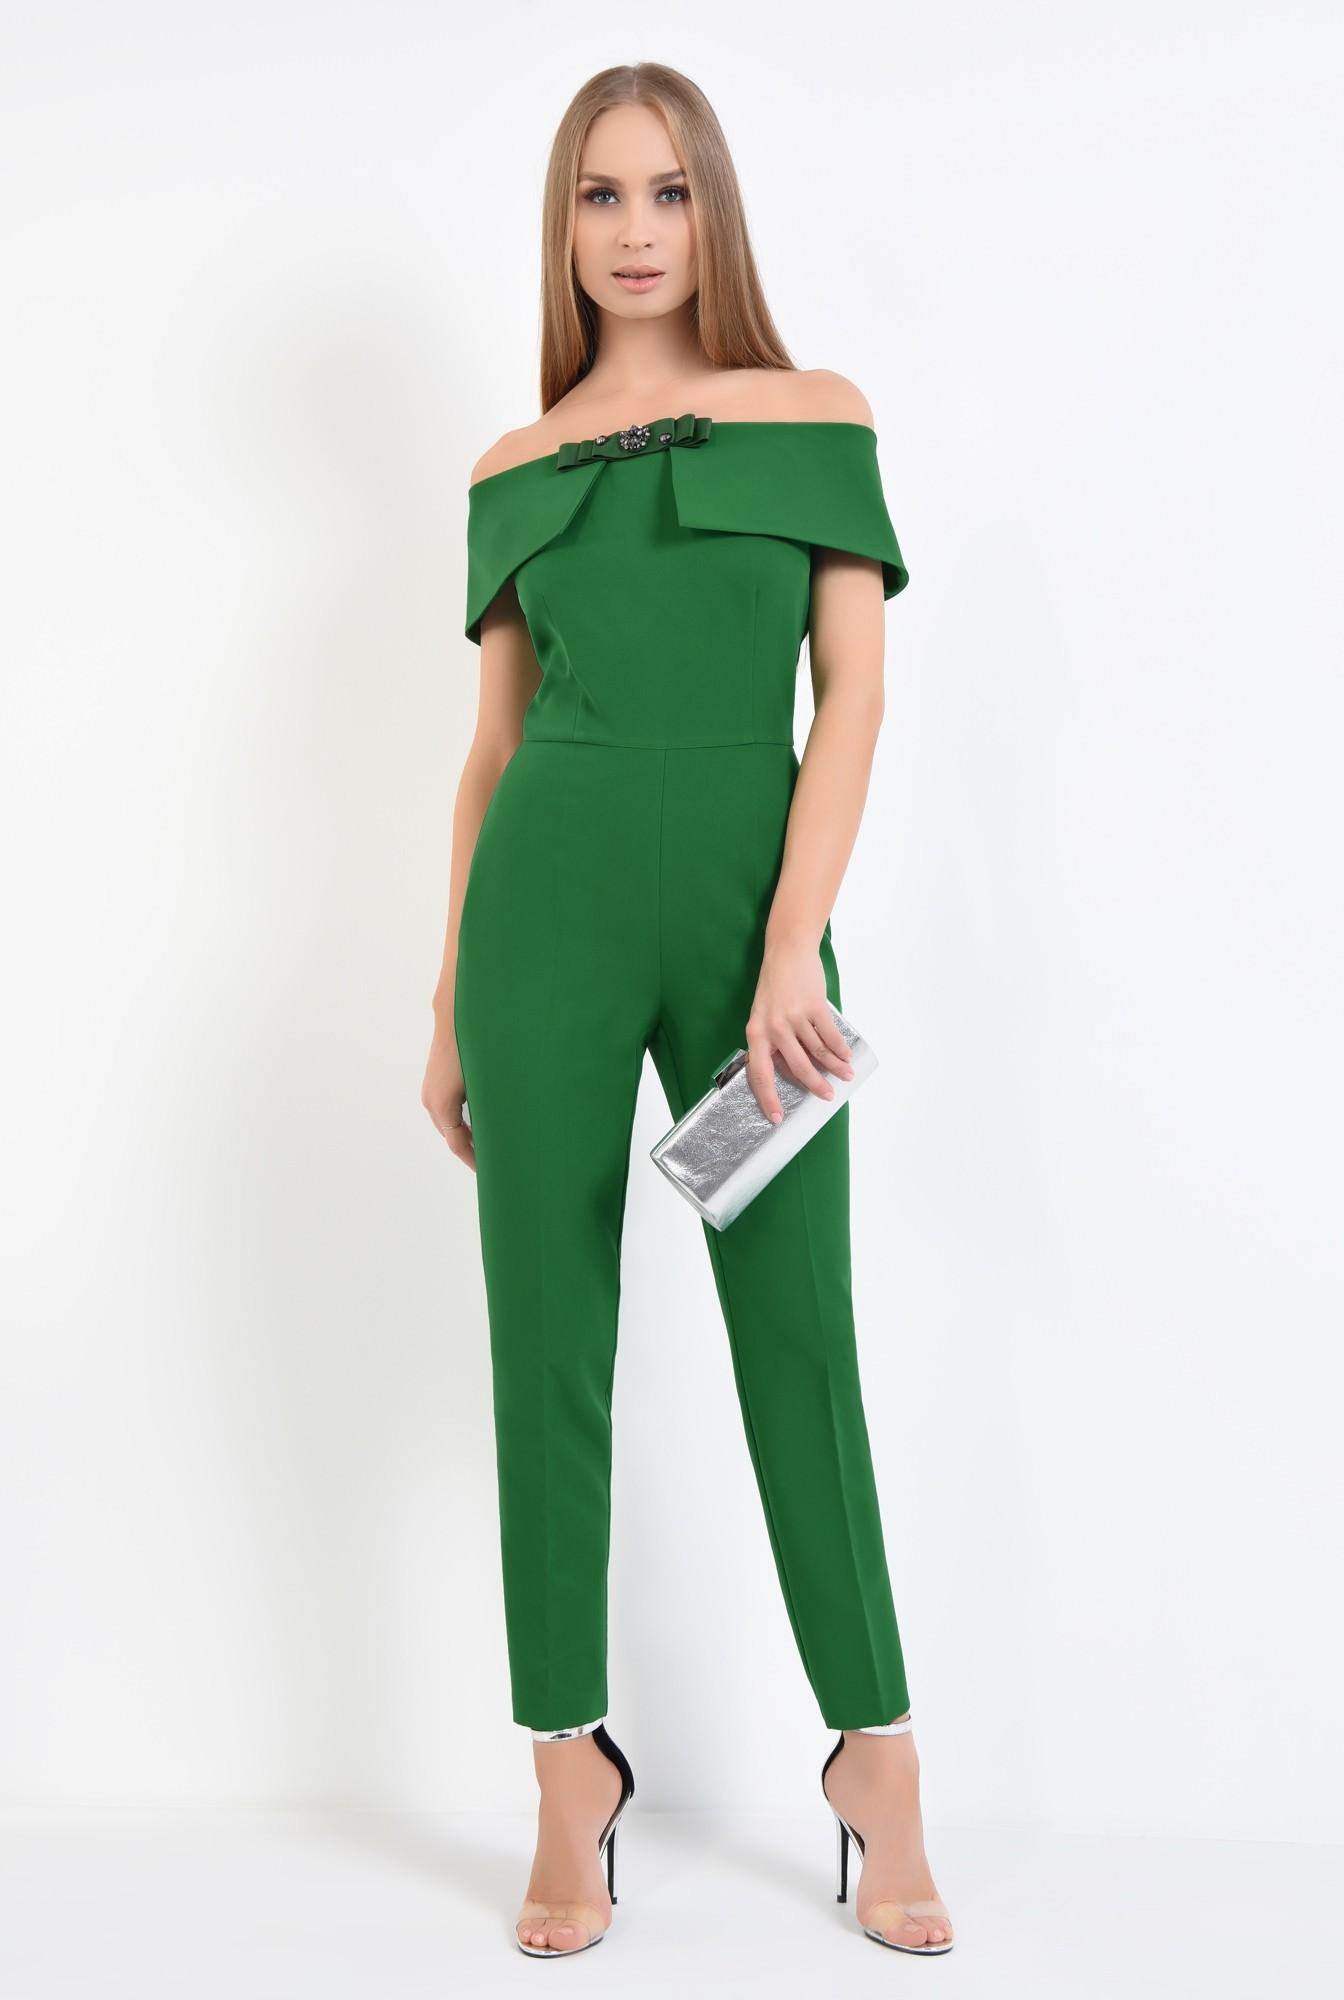 3 - salopeta eleganta, verde, brosa, umeri goi